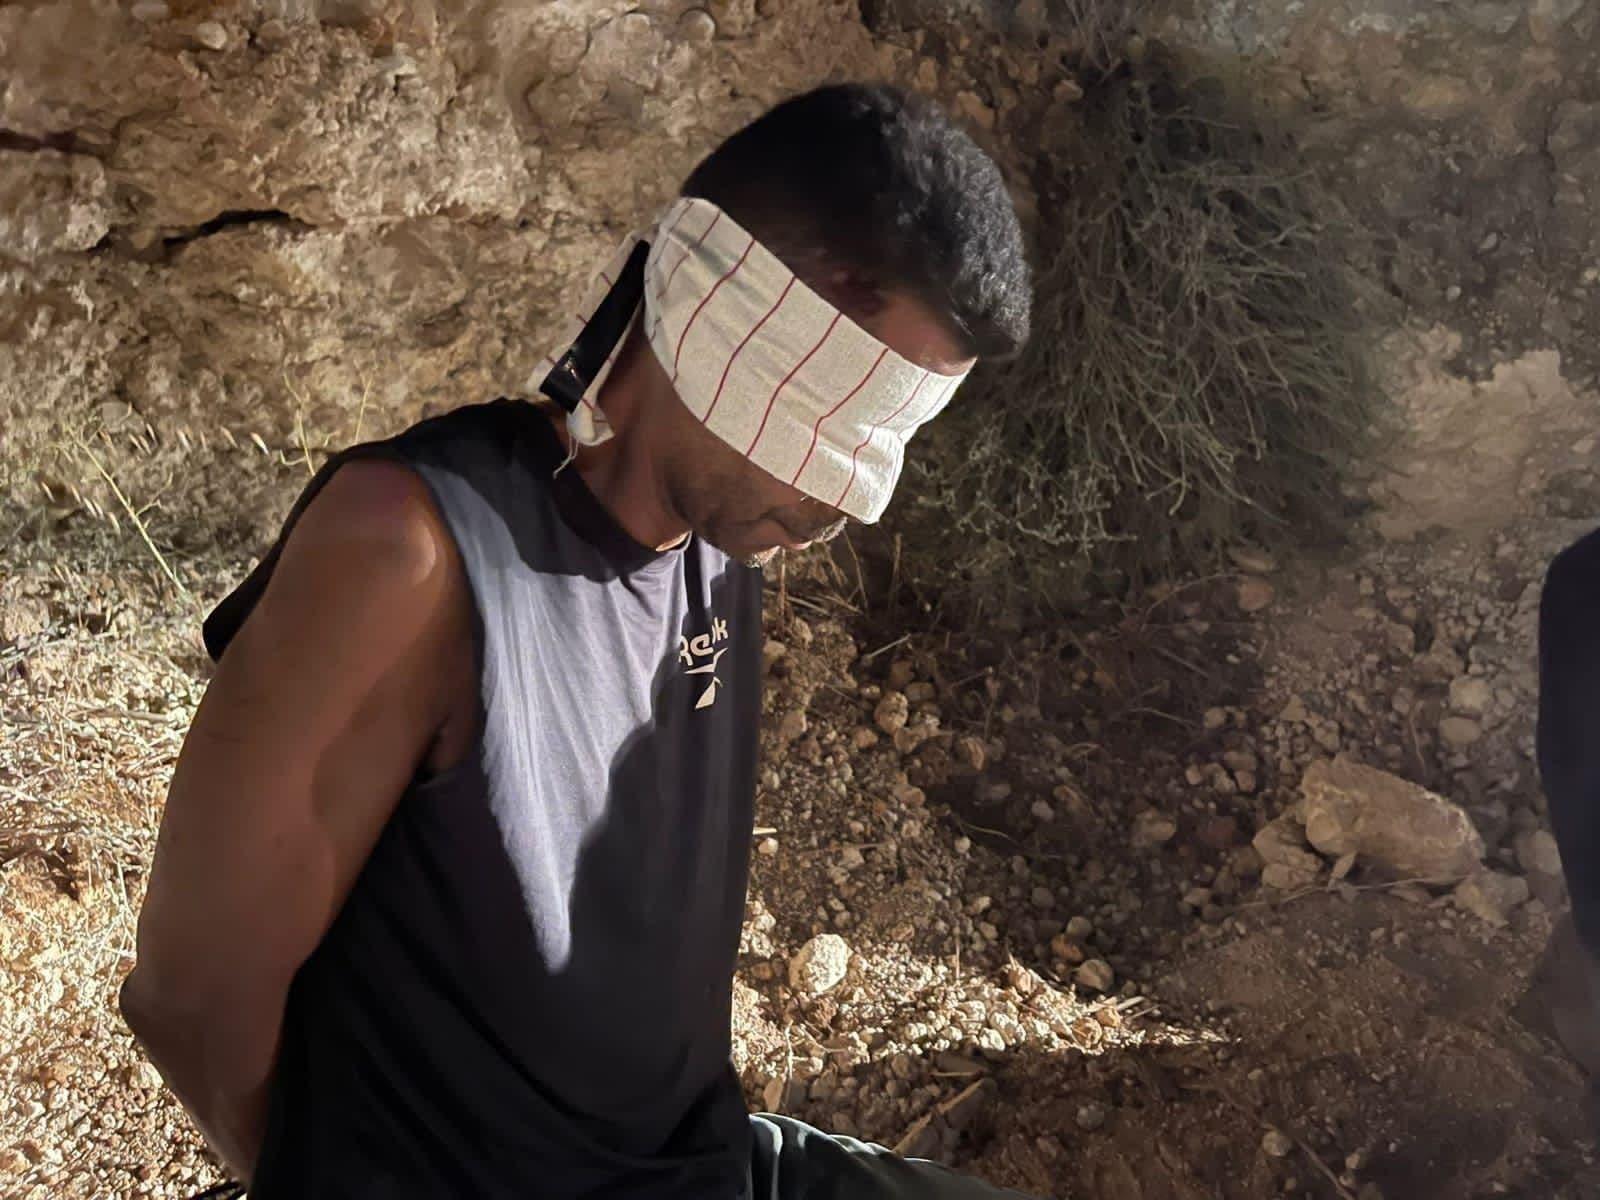 من عملية اعتقال الأسيرين الفلسطينيين